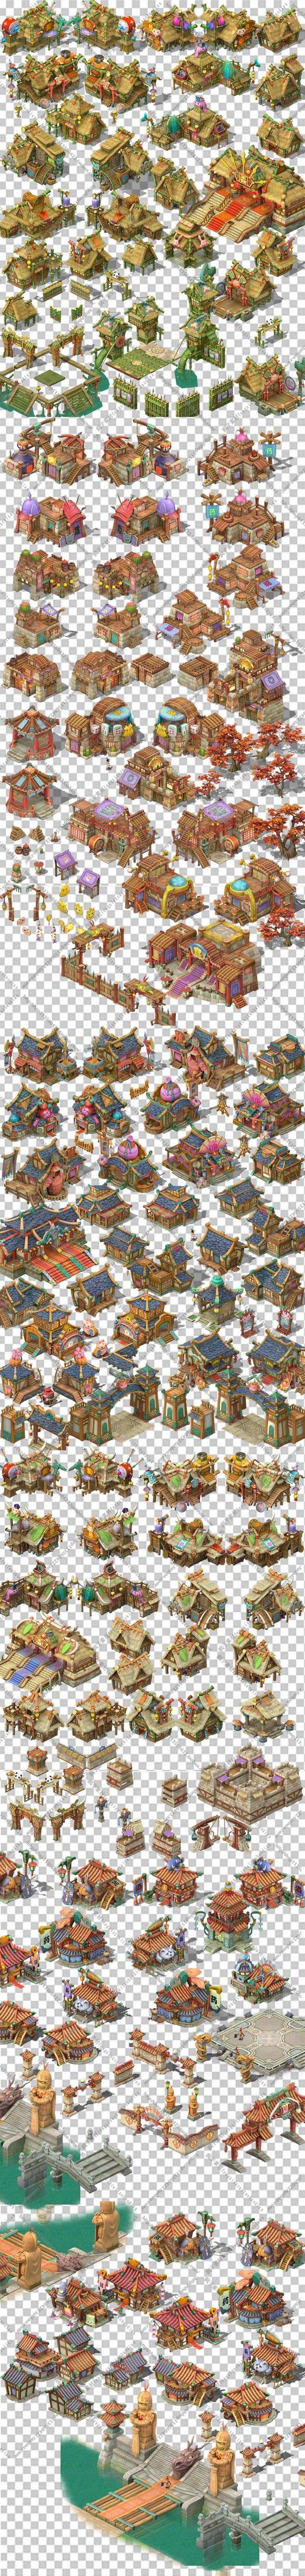 游戏原画资源/场景素材/2D资源横版地图...